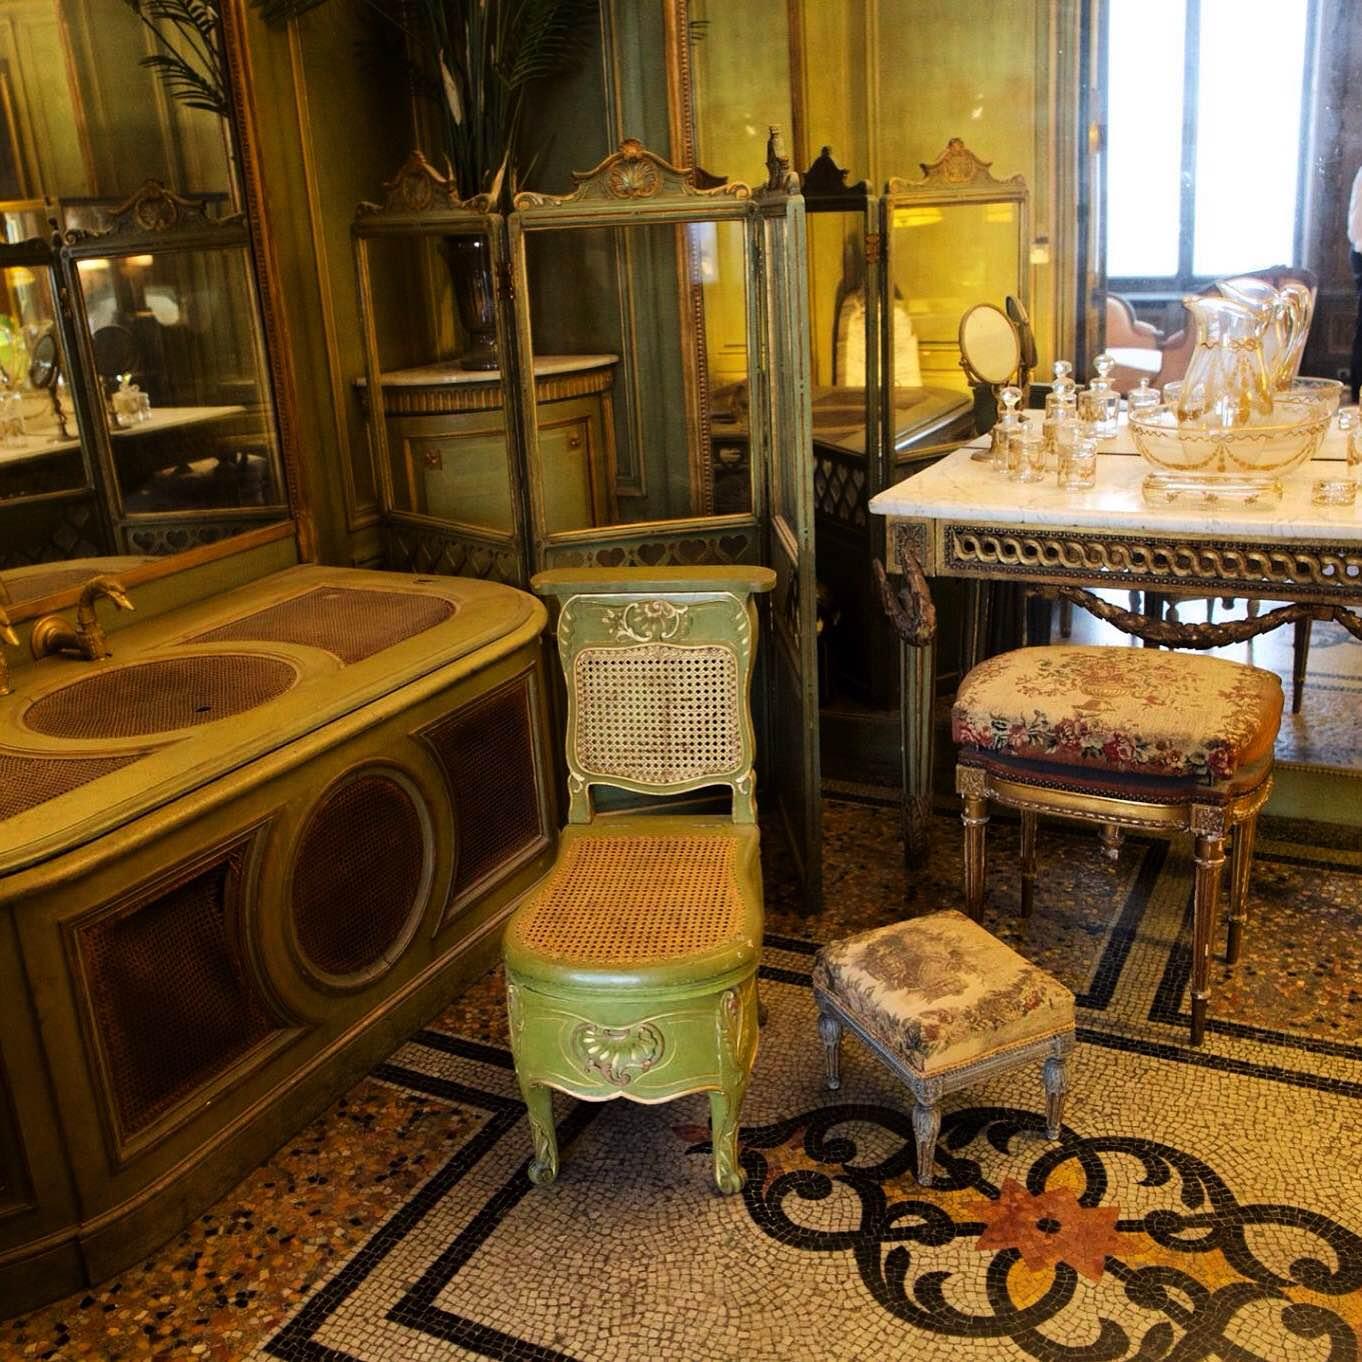 loisirs o sort on dimanche au mus e jacquemart andr trendyslemag. Black Bedroom Furniture Sets. Home Design Ideas